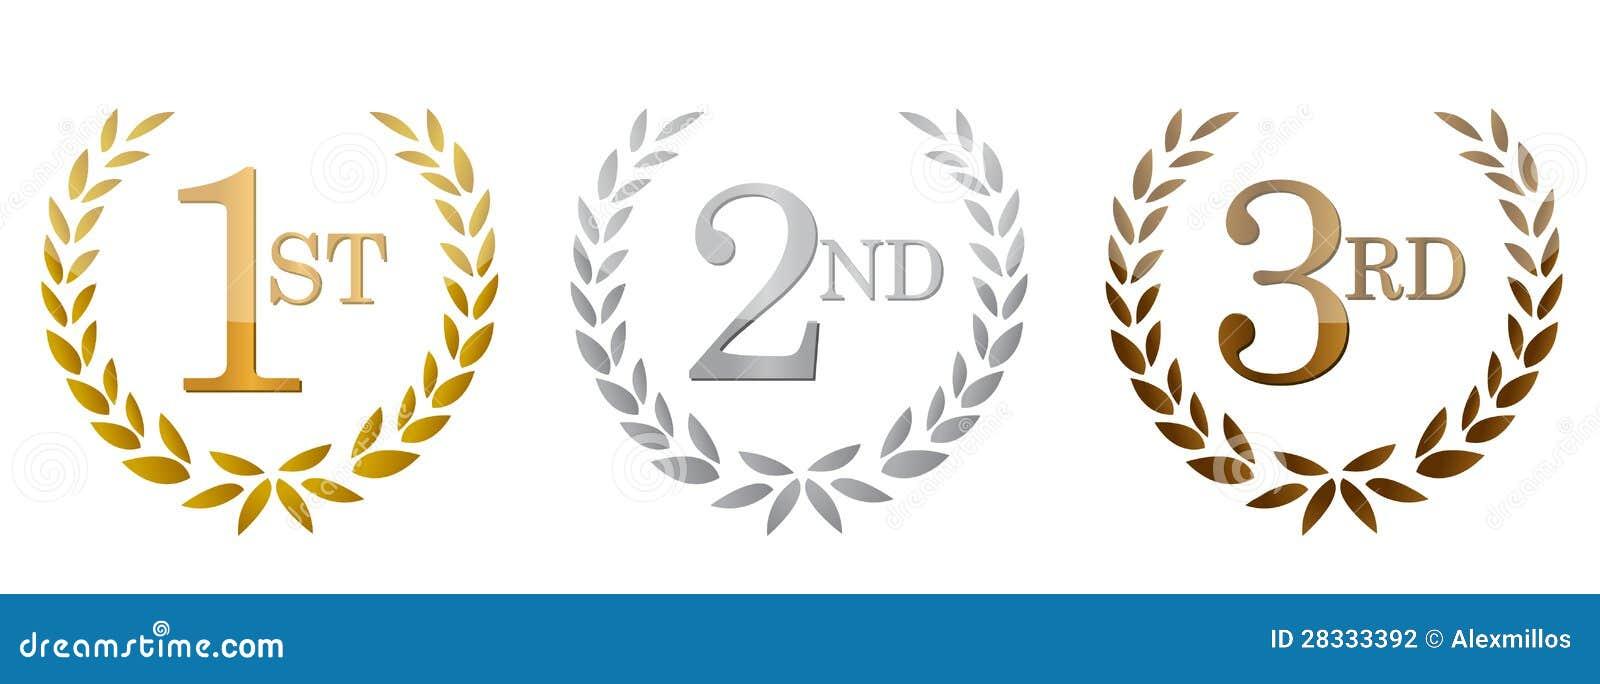 1r; 2do; emblemas de oro de las 3ro concesiones.